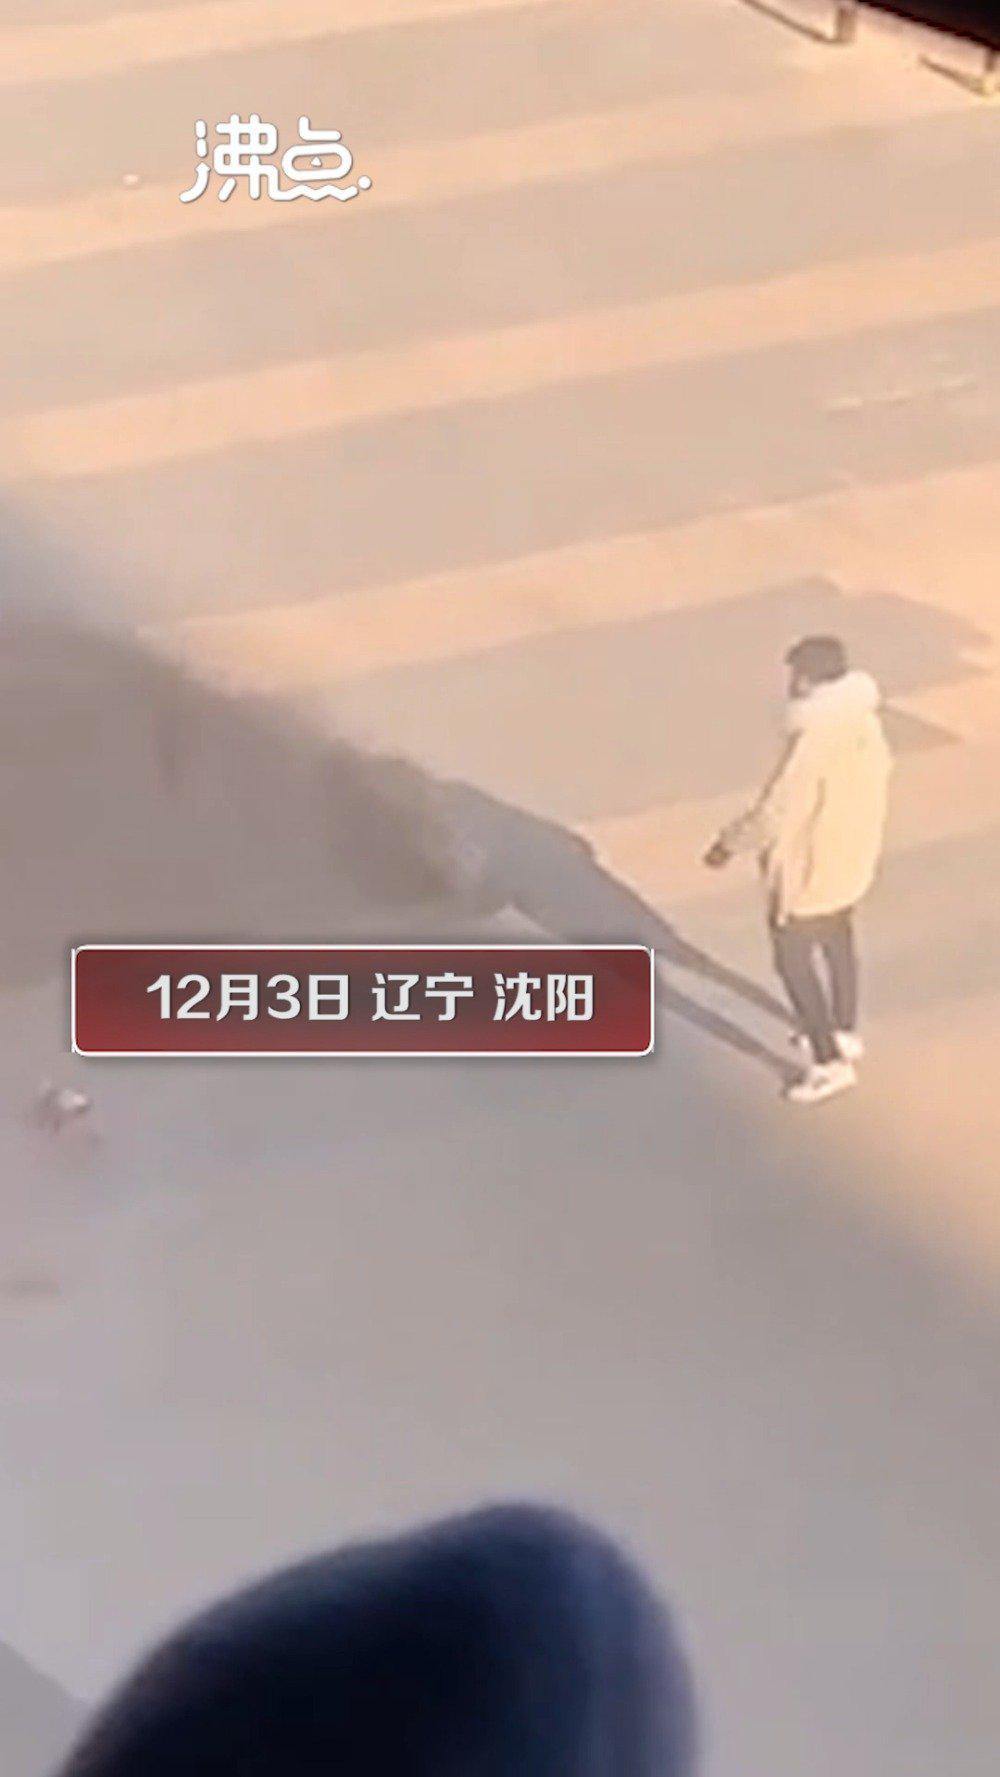 男子当街虐狗连续脚踢拎摔 目击者:气愤至极